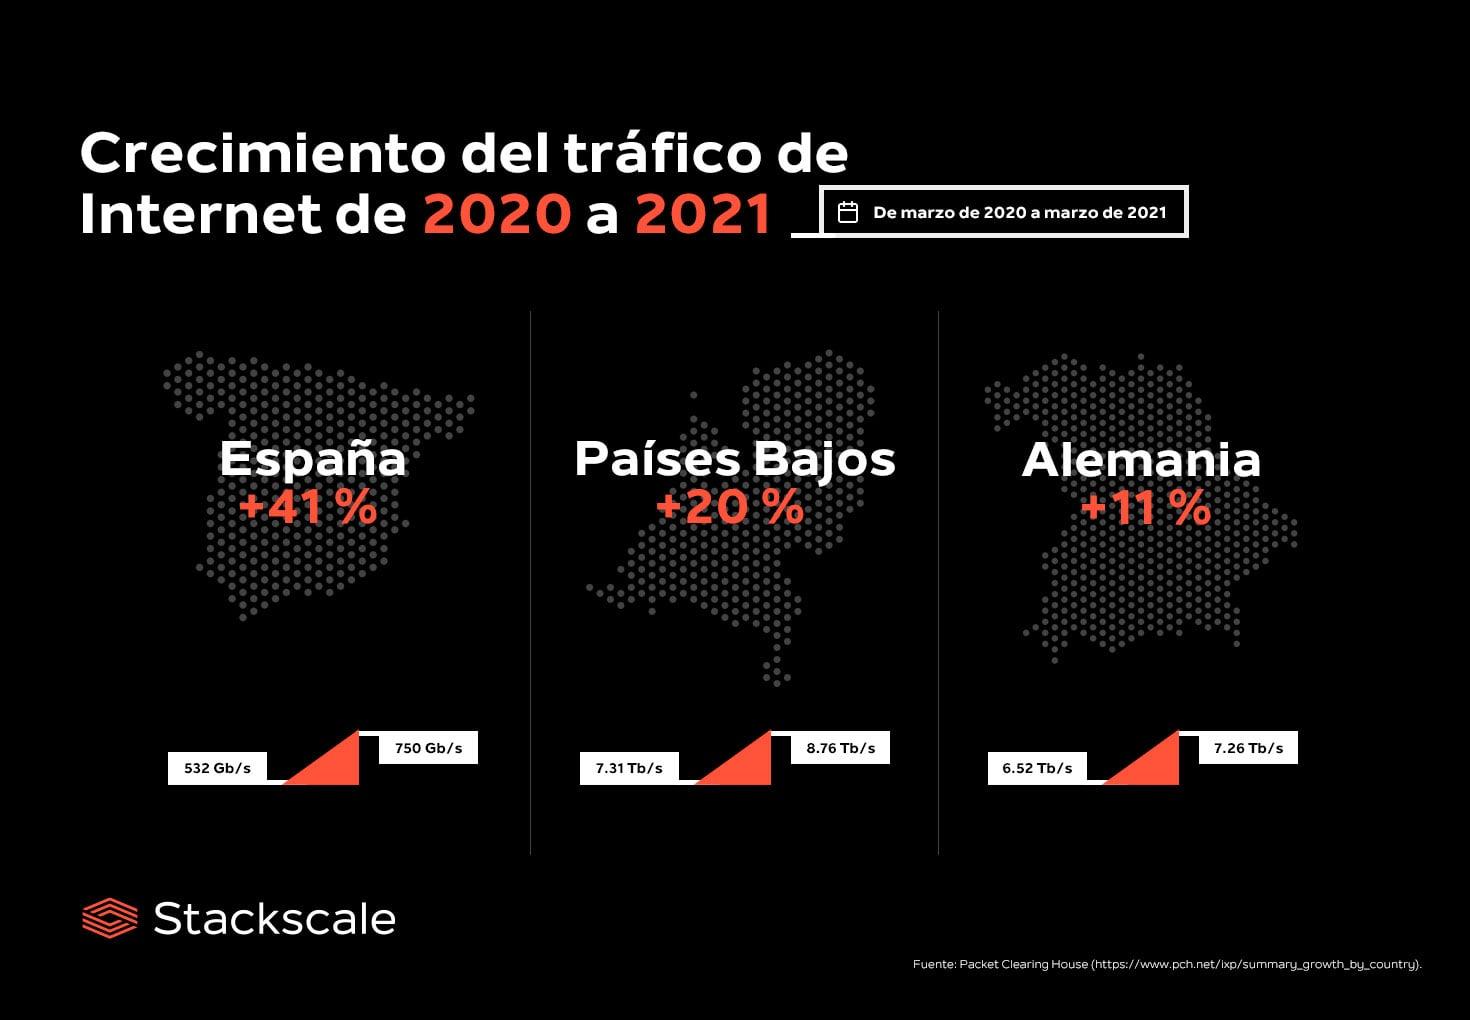 Crecimiento del tráfico de Internet de 2020 a 2021